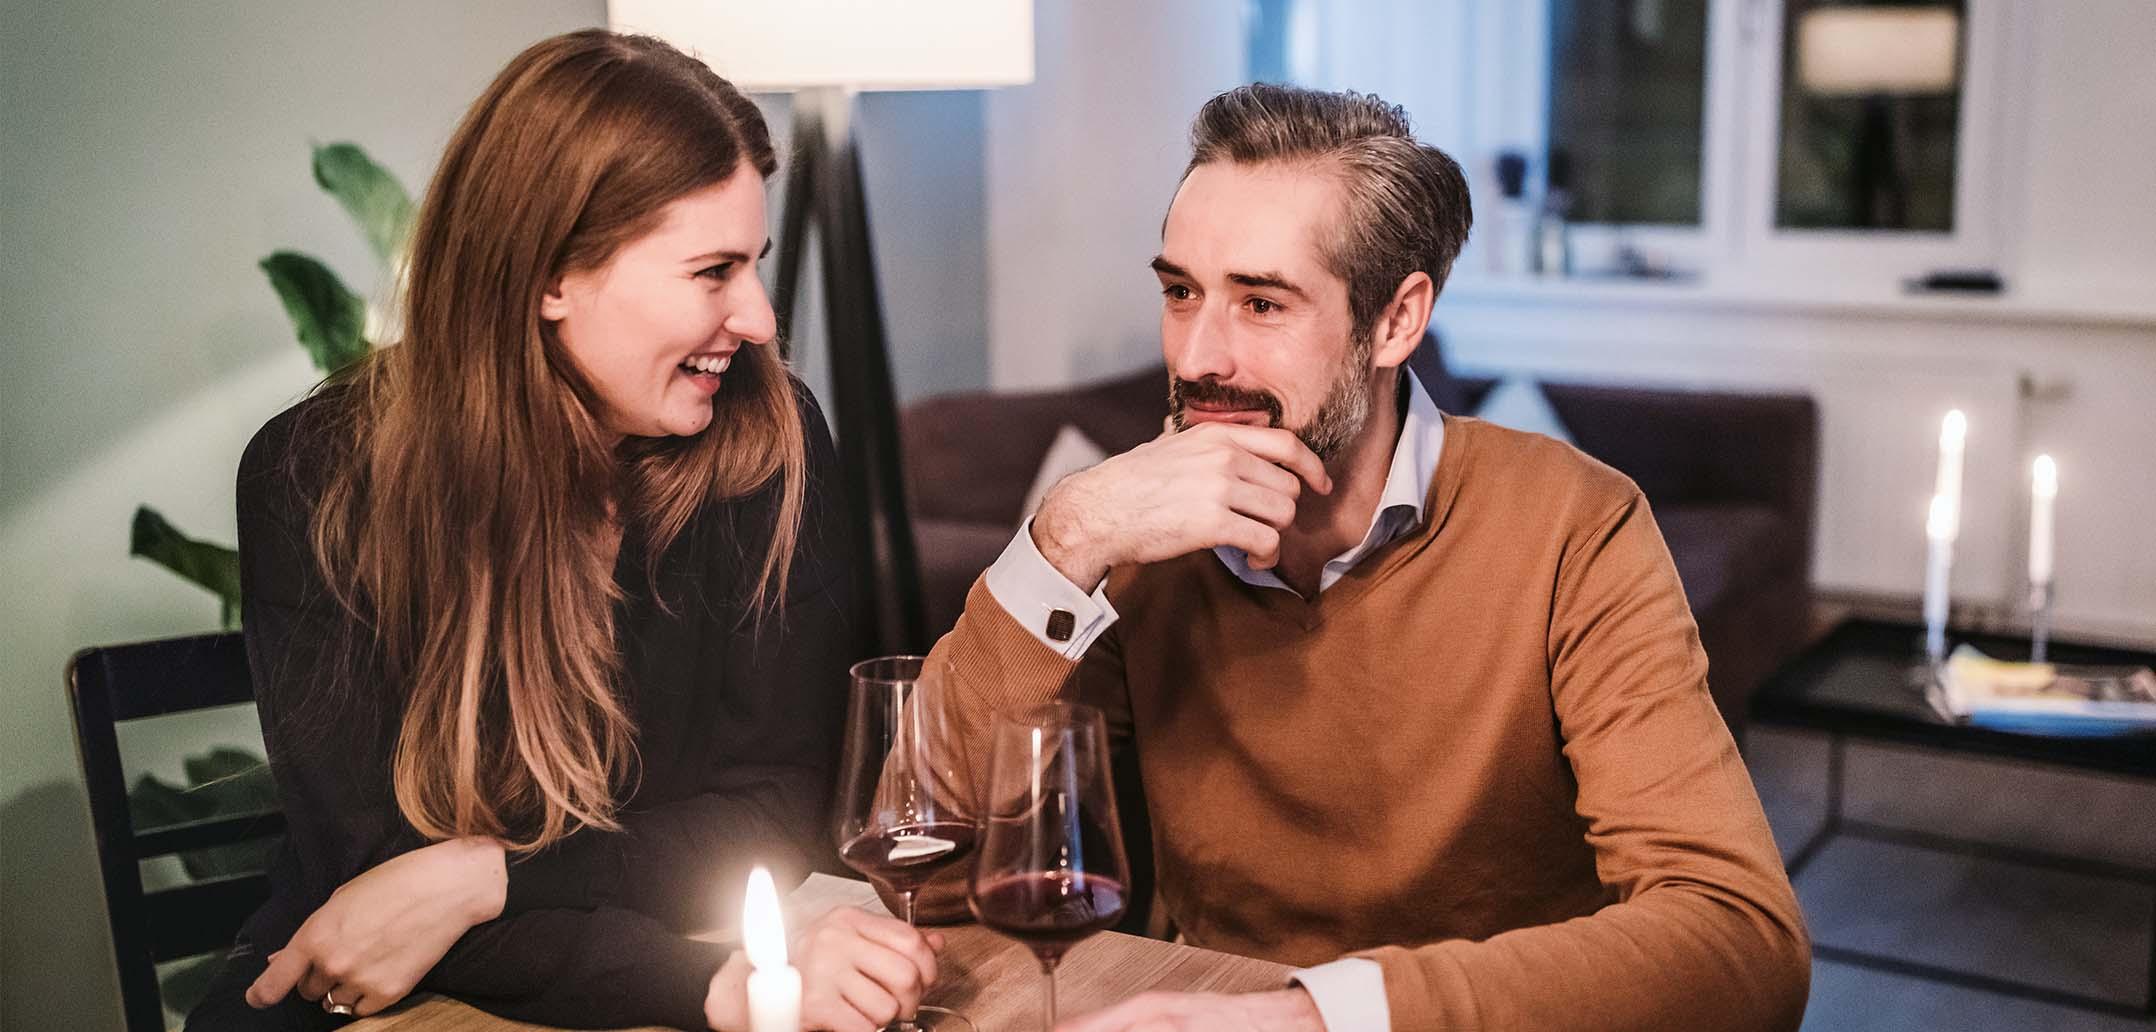 So sorgen Sie mit der 2-2-2-Regel für mehr Quality Time in Ihrer Beziehung